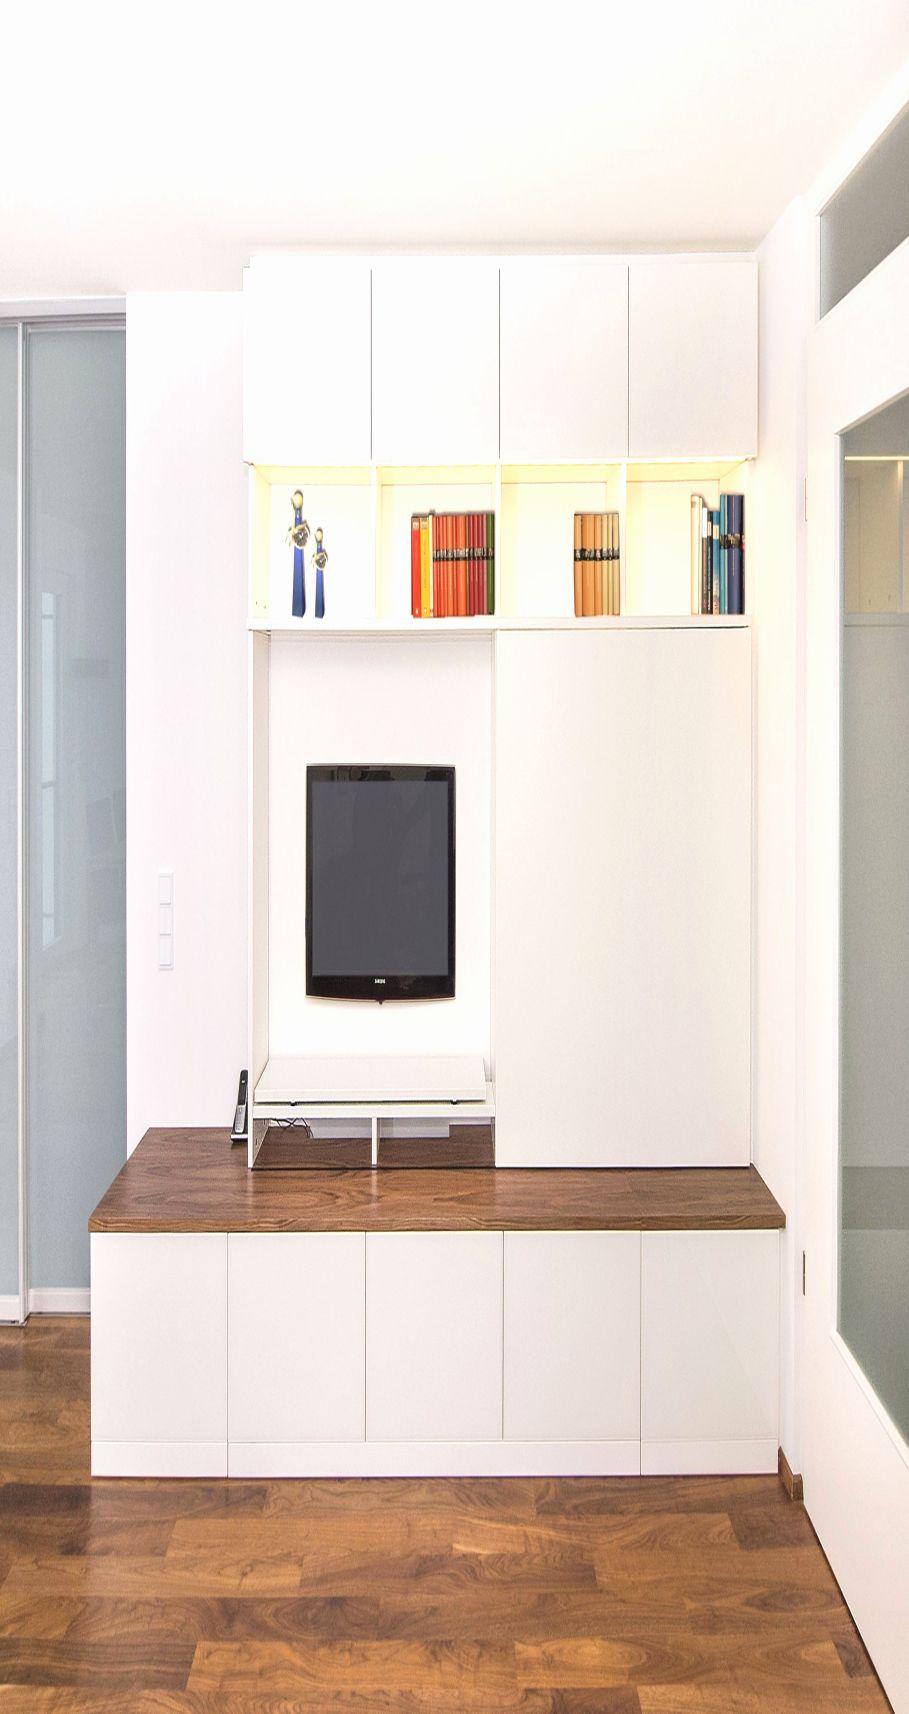 Full Size of Ikea Wohnzimmerschrank 28 Inspirierend Wohnzimmer Ideen In 2020 Tv Wand Miniküche Küche Kosten Kaufen Modulküche Sofa Mit Schlaffunktion Betten Bei 160x200 Wohnzimmer Ikea Wohnzimmerschrank